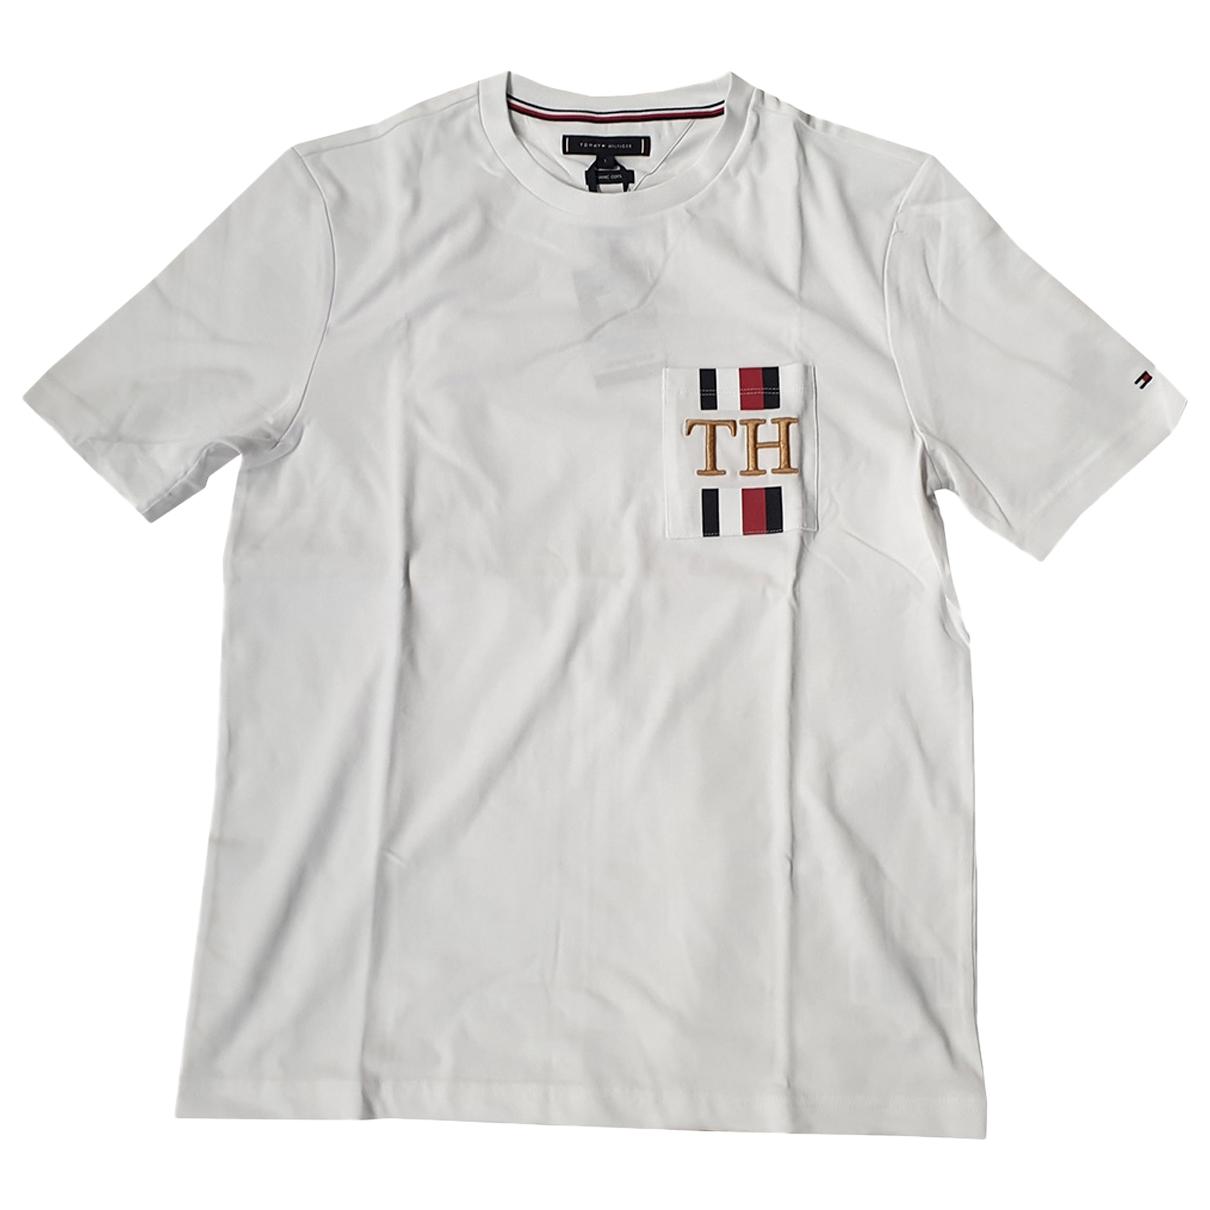 Tommy Hilfiger - Tee shirts   pour homme en coton - blanc